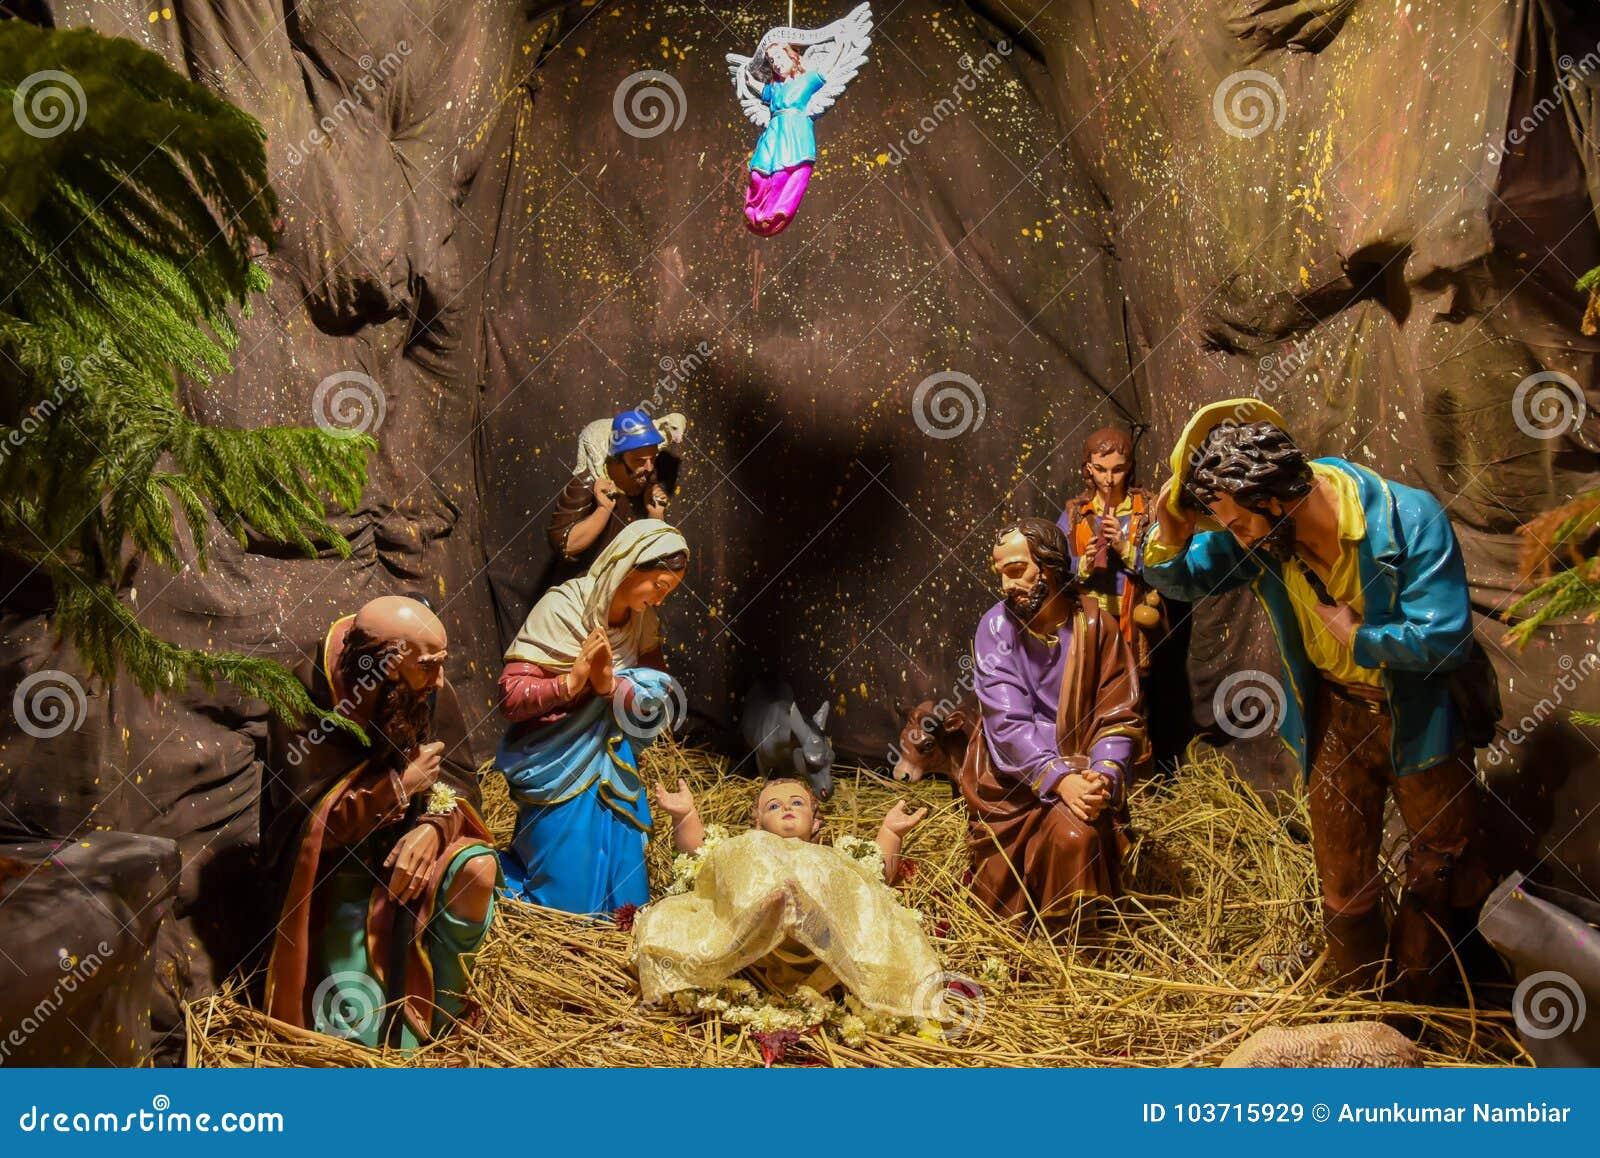 Jesus Christmas Pic.Christmas Jesus Birth Scene Stock Image Image Of December